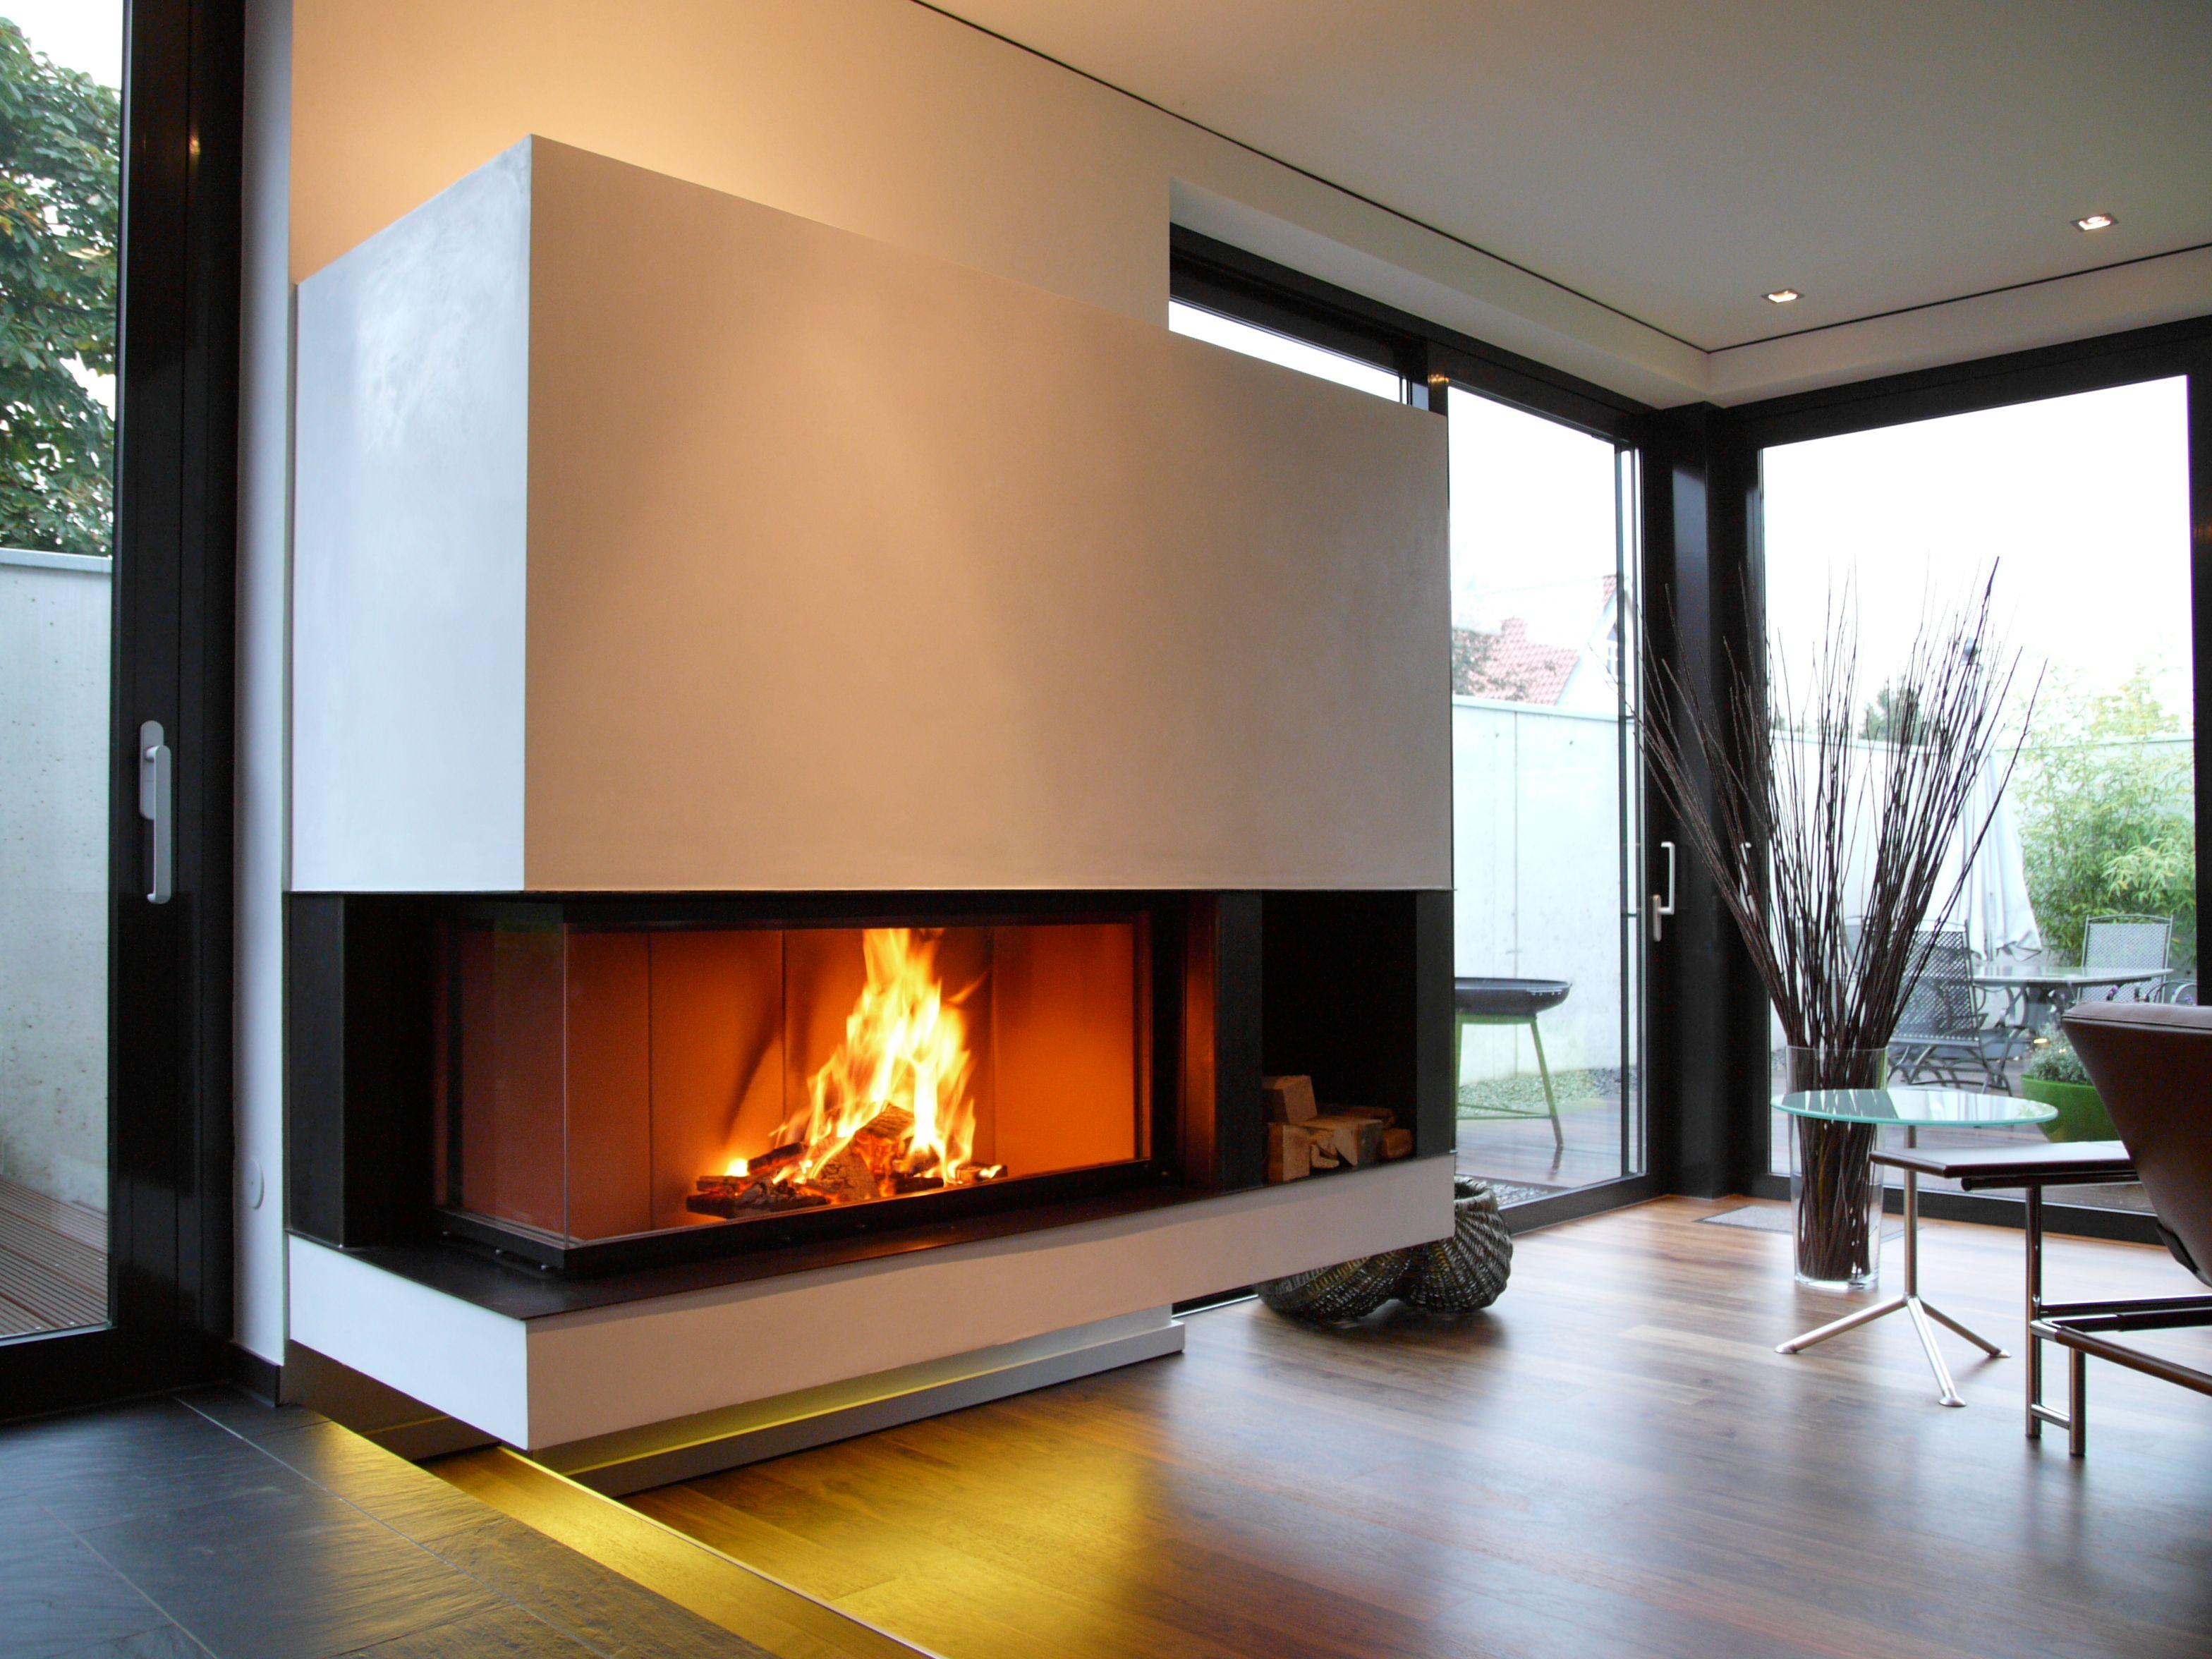 BRUNNER schwebender Eckkamin mit Feuerraumfortführungen und Holzfach. BRUNNER floating fireplace with furnace additions and wood shelf.